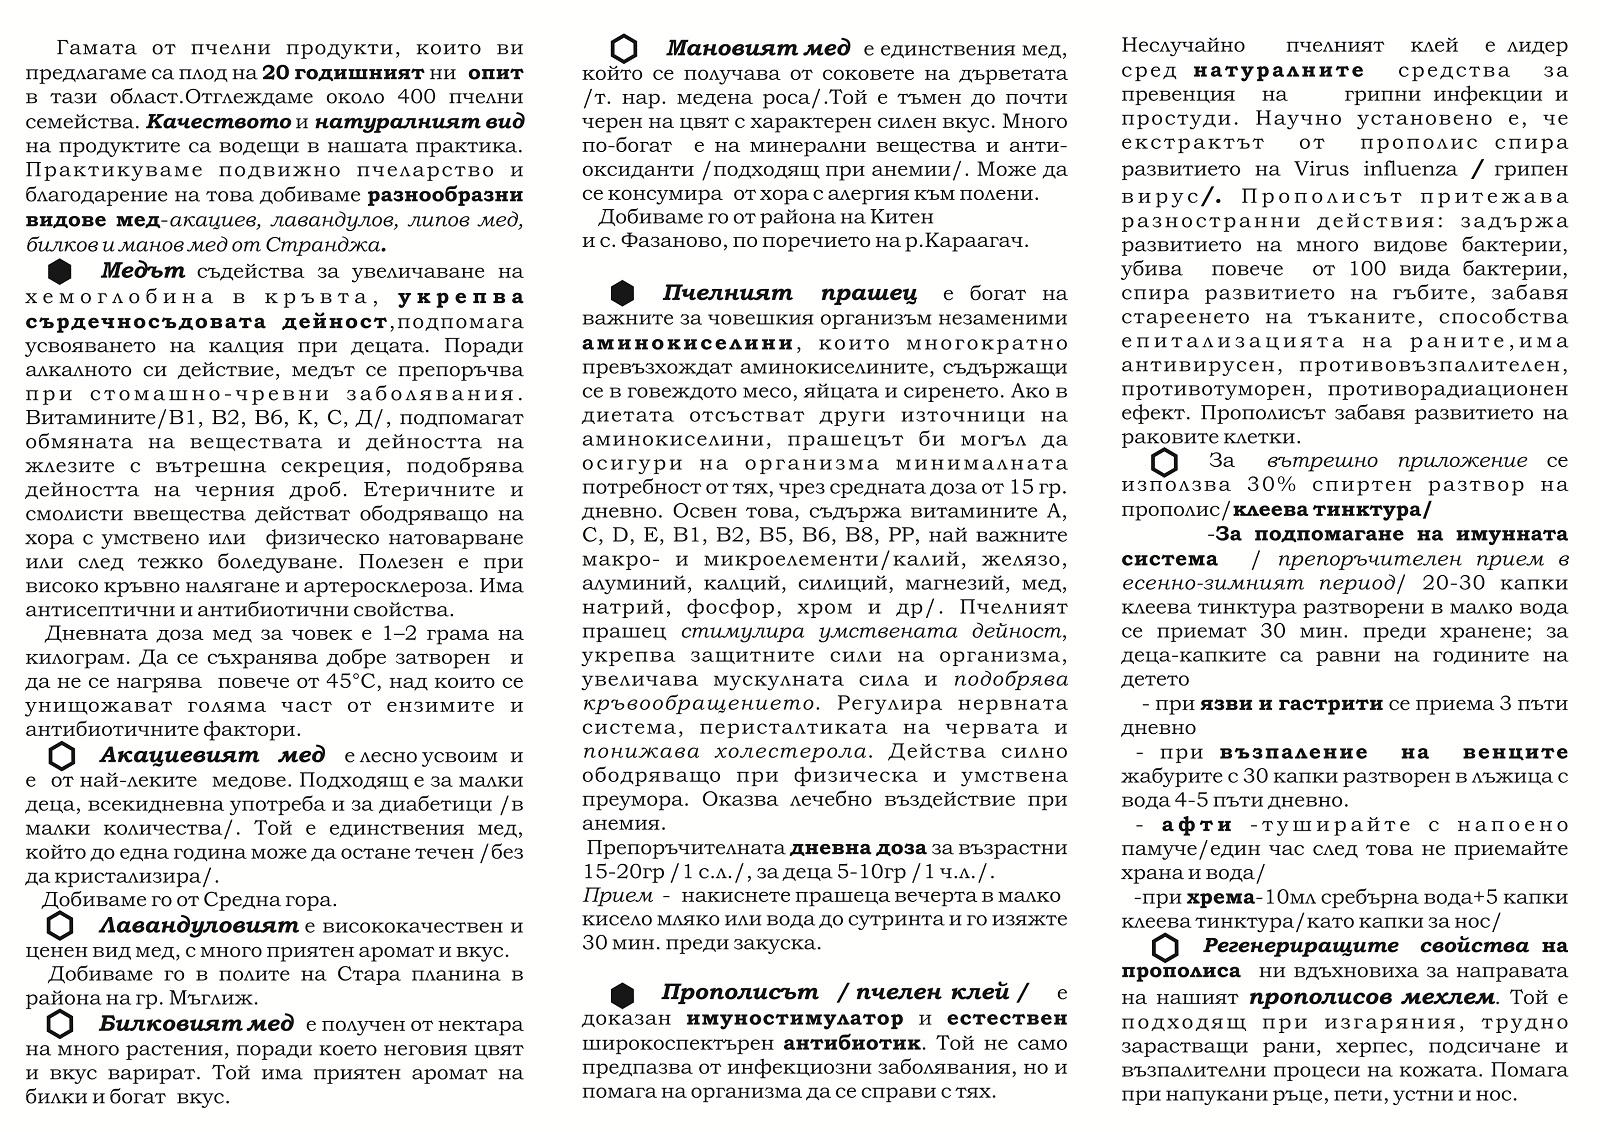 Брошура МЕД 2